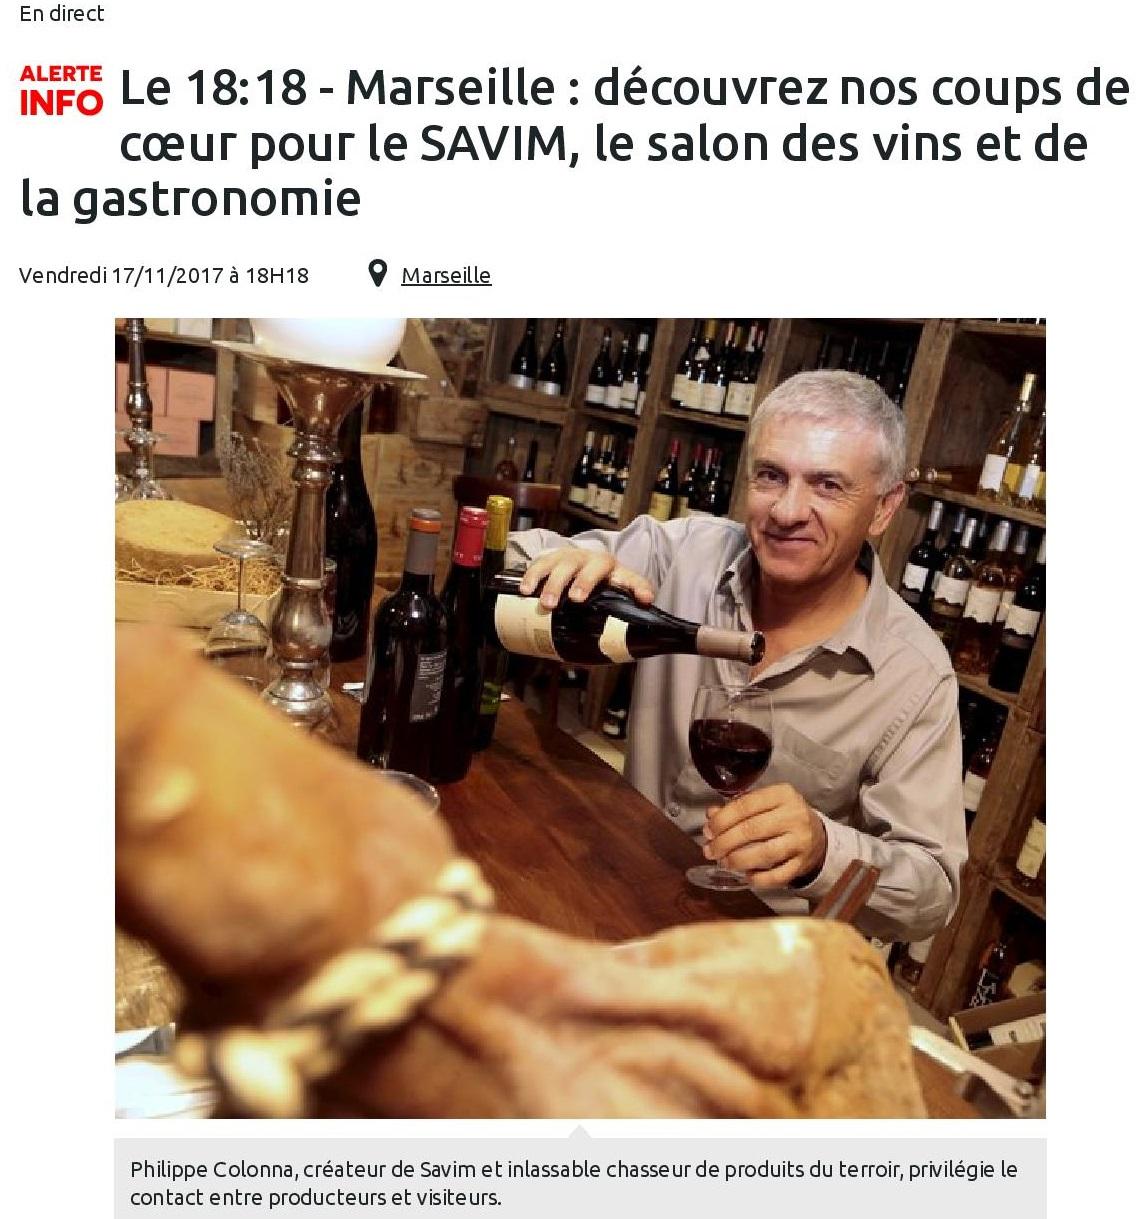 Marseille : découvrez nos coups de cœur pour le SAVIM, le salon des vins et de la gastronomie